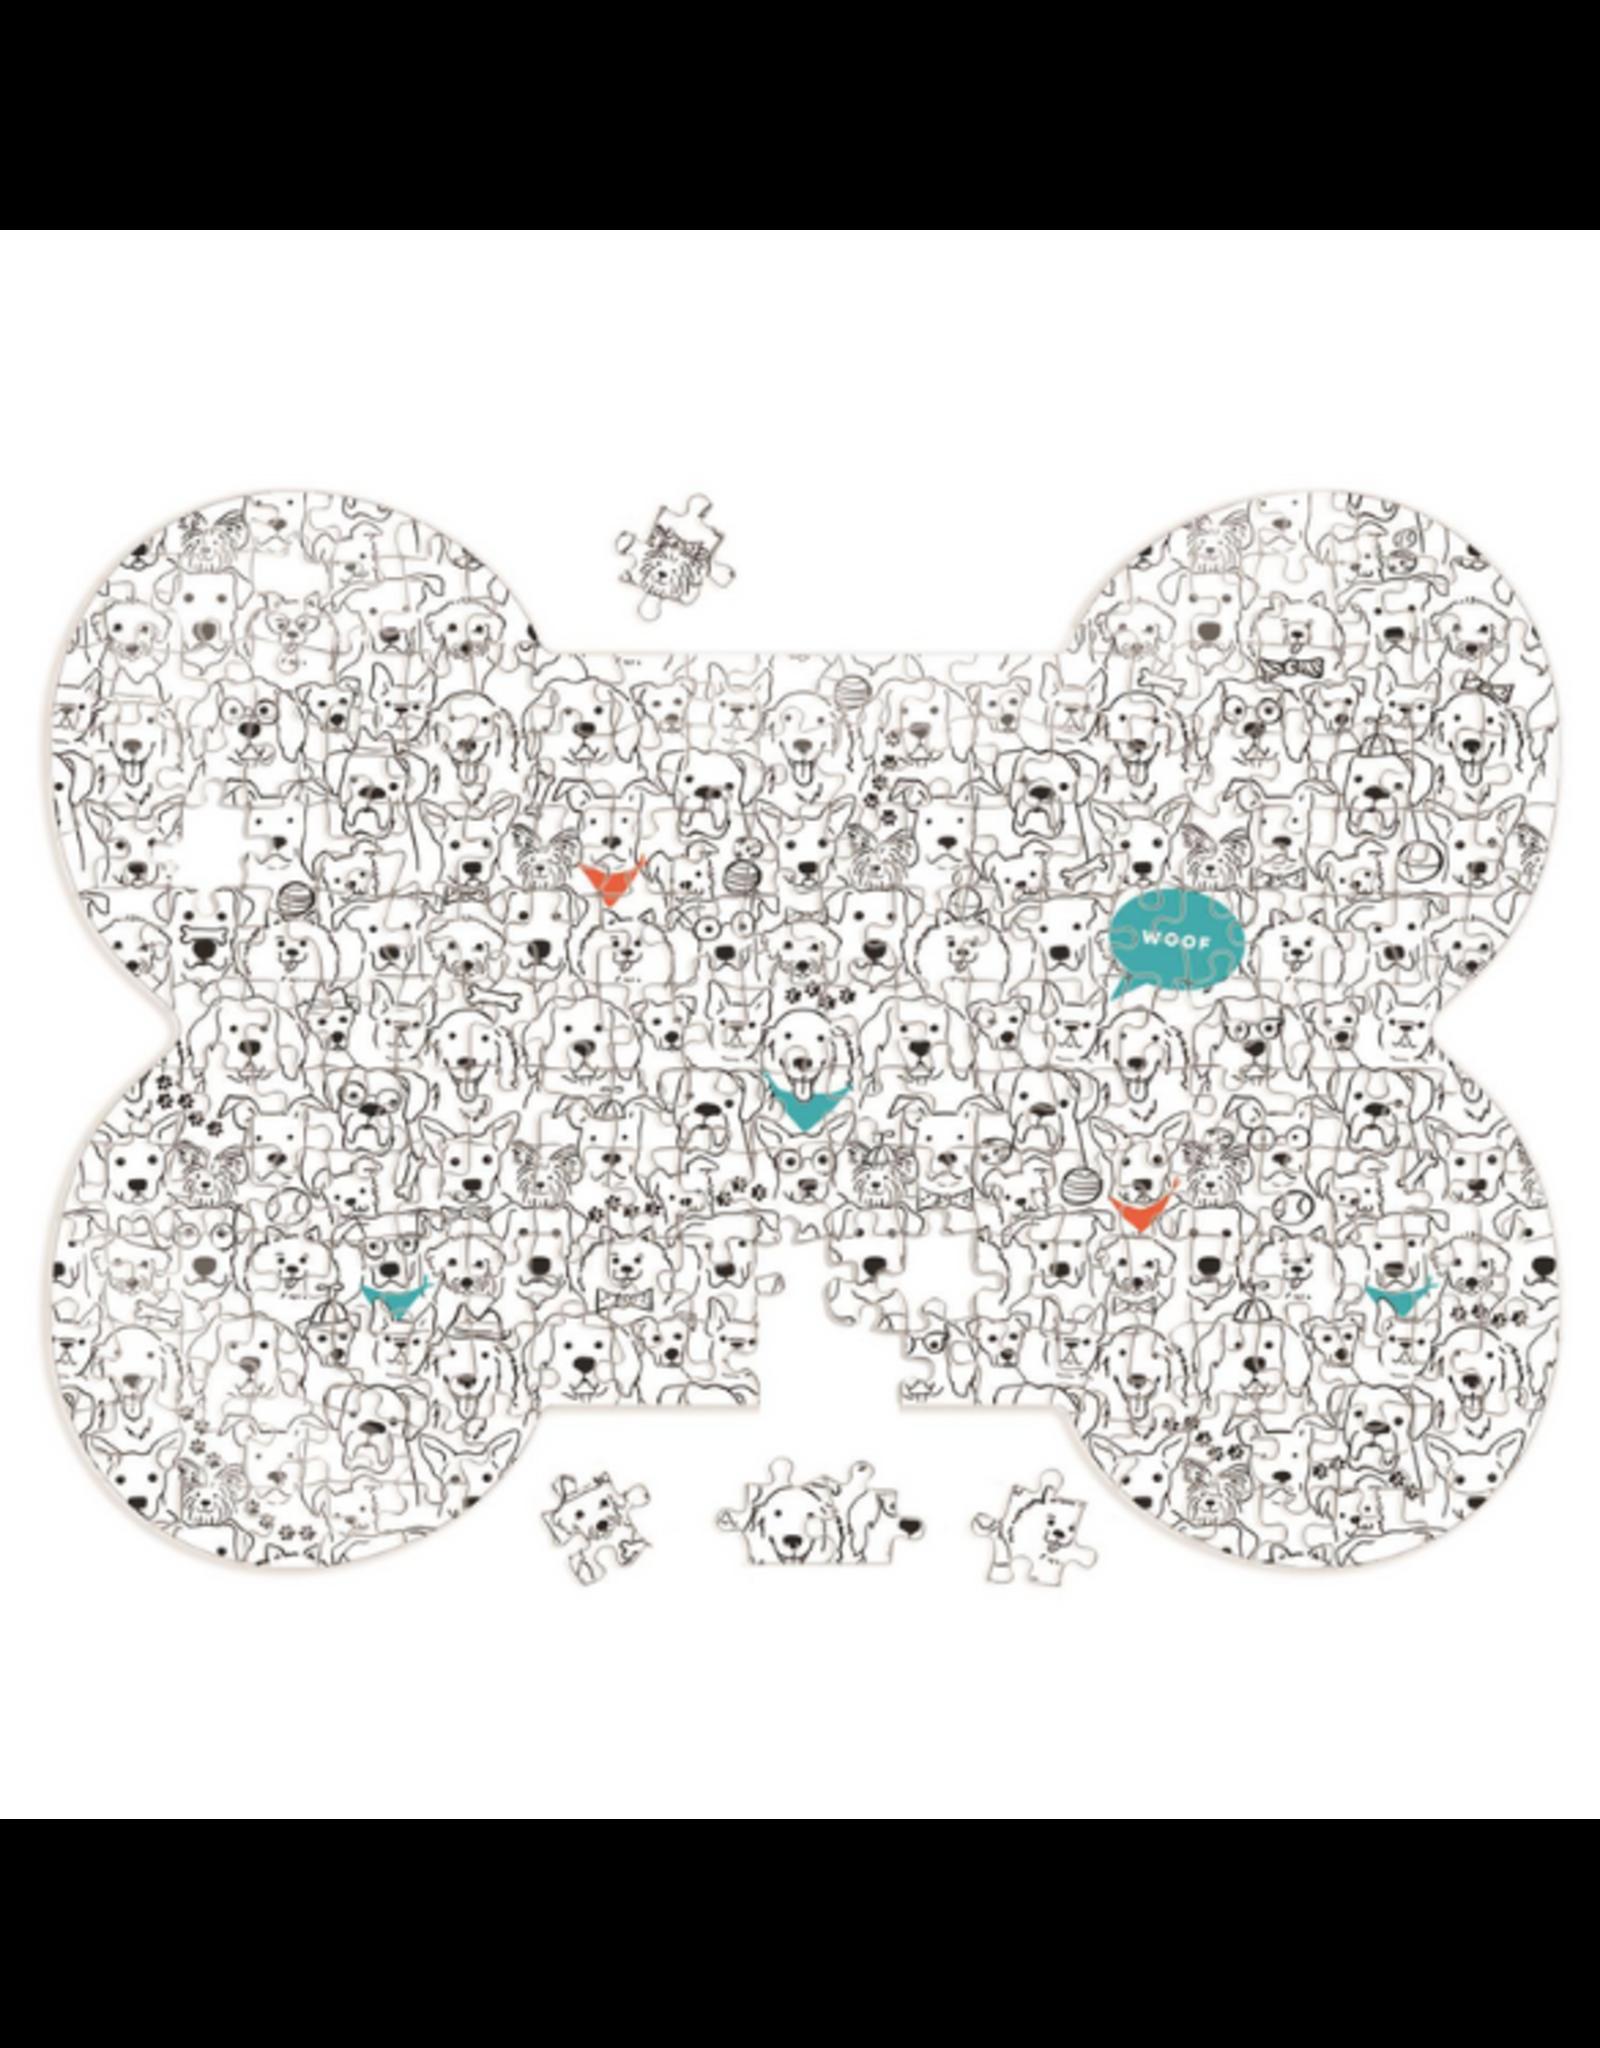 Dog Crew Puzzle